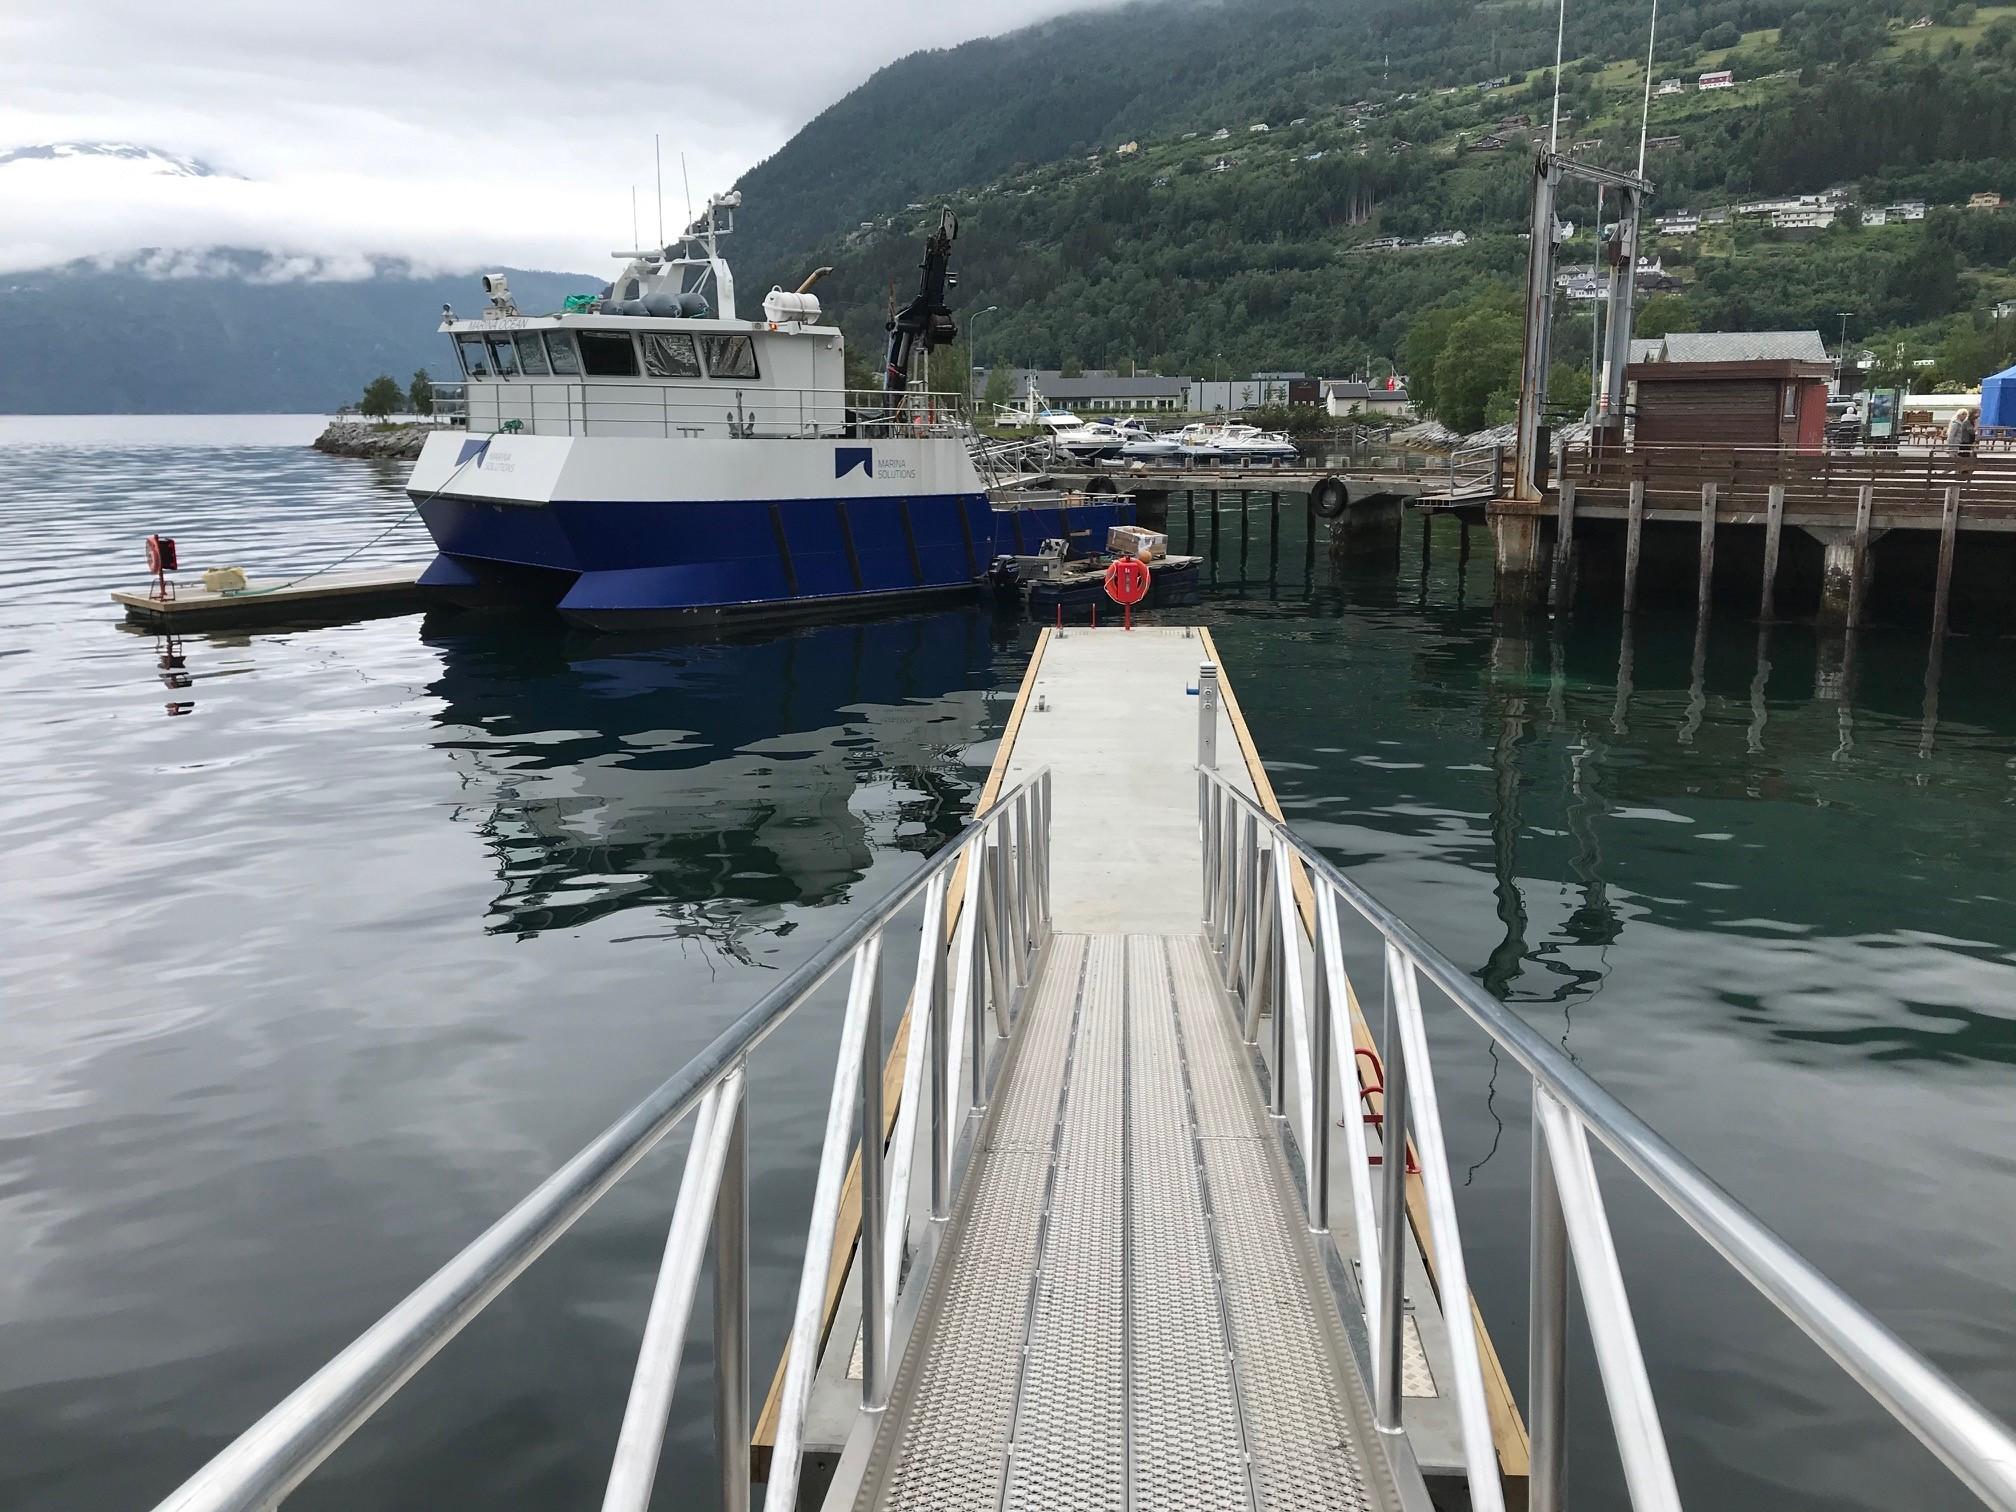 https://marinasolutions.no/uploads/Valldal-flytebrygger-5.jpg